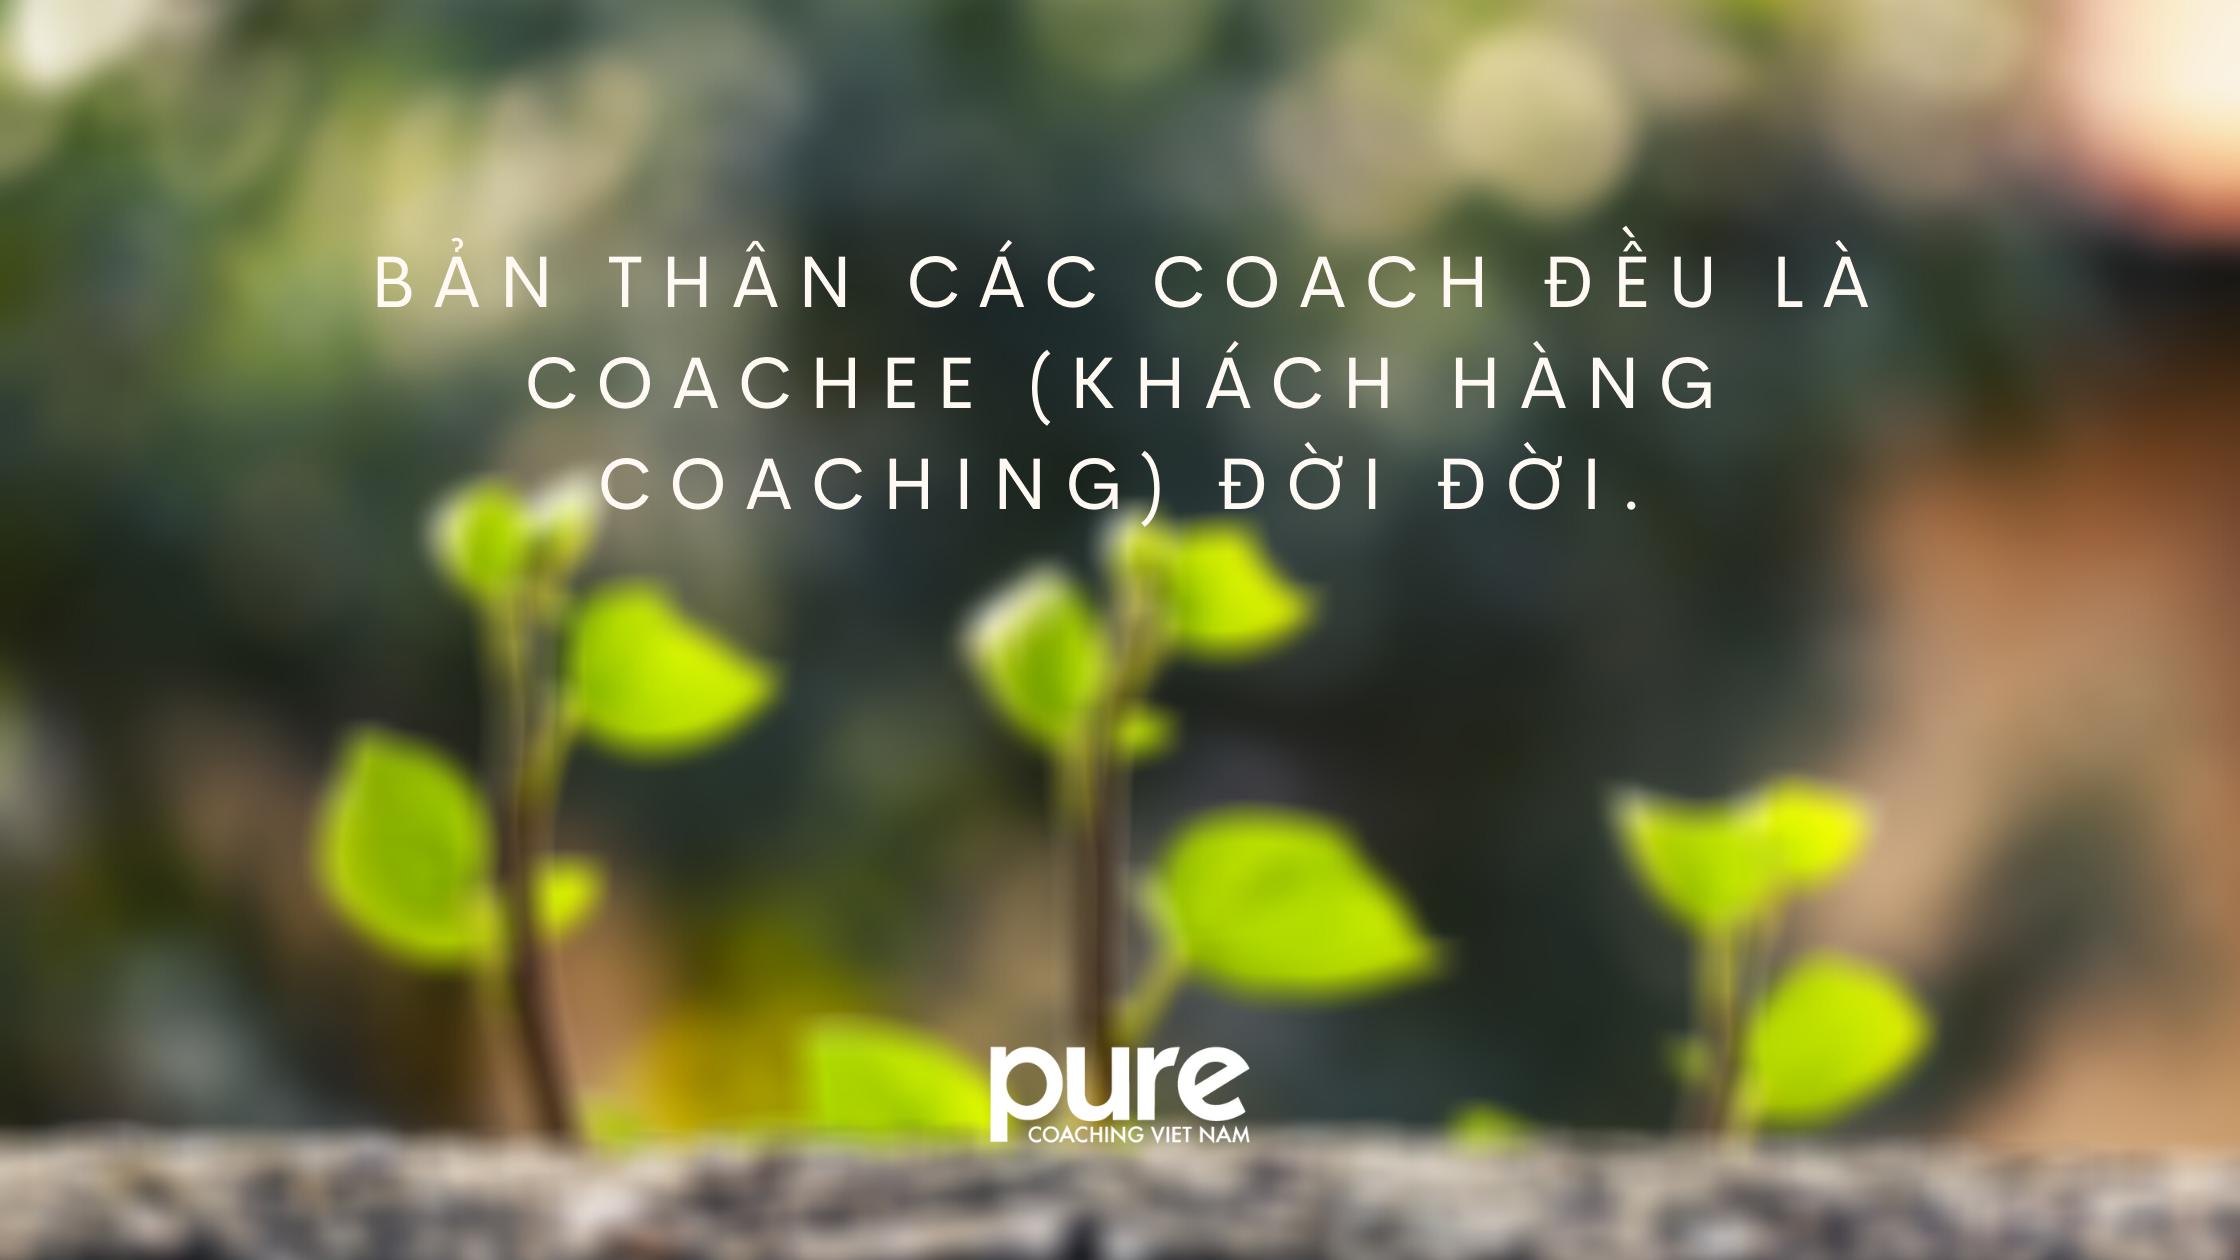 Làm thế nào để trở thành một Coach? 1